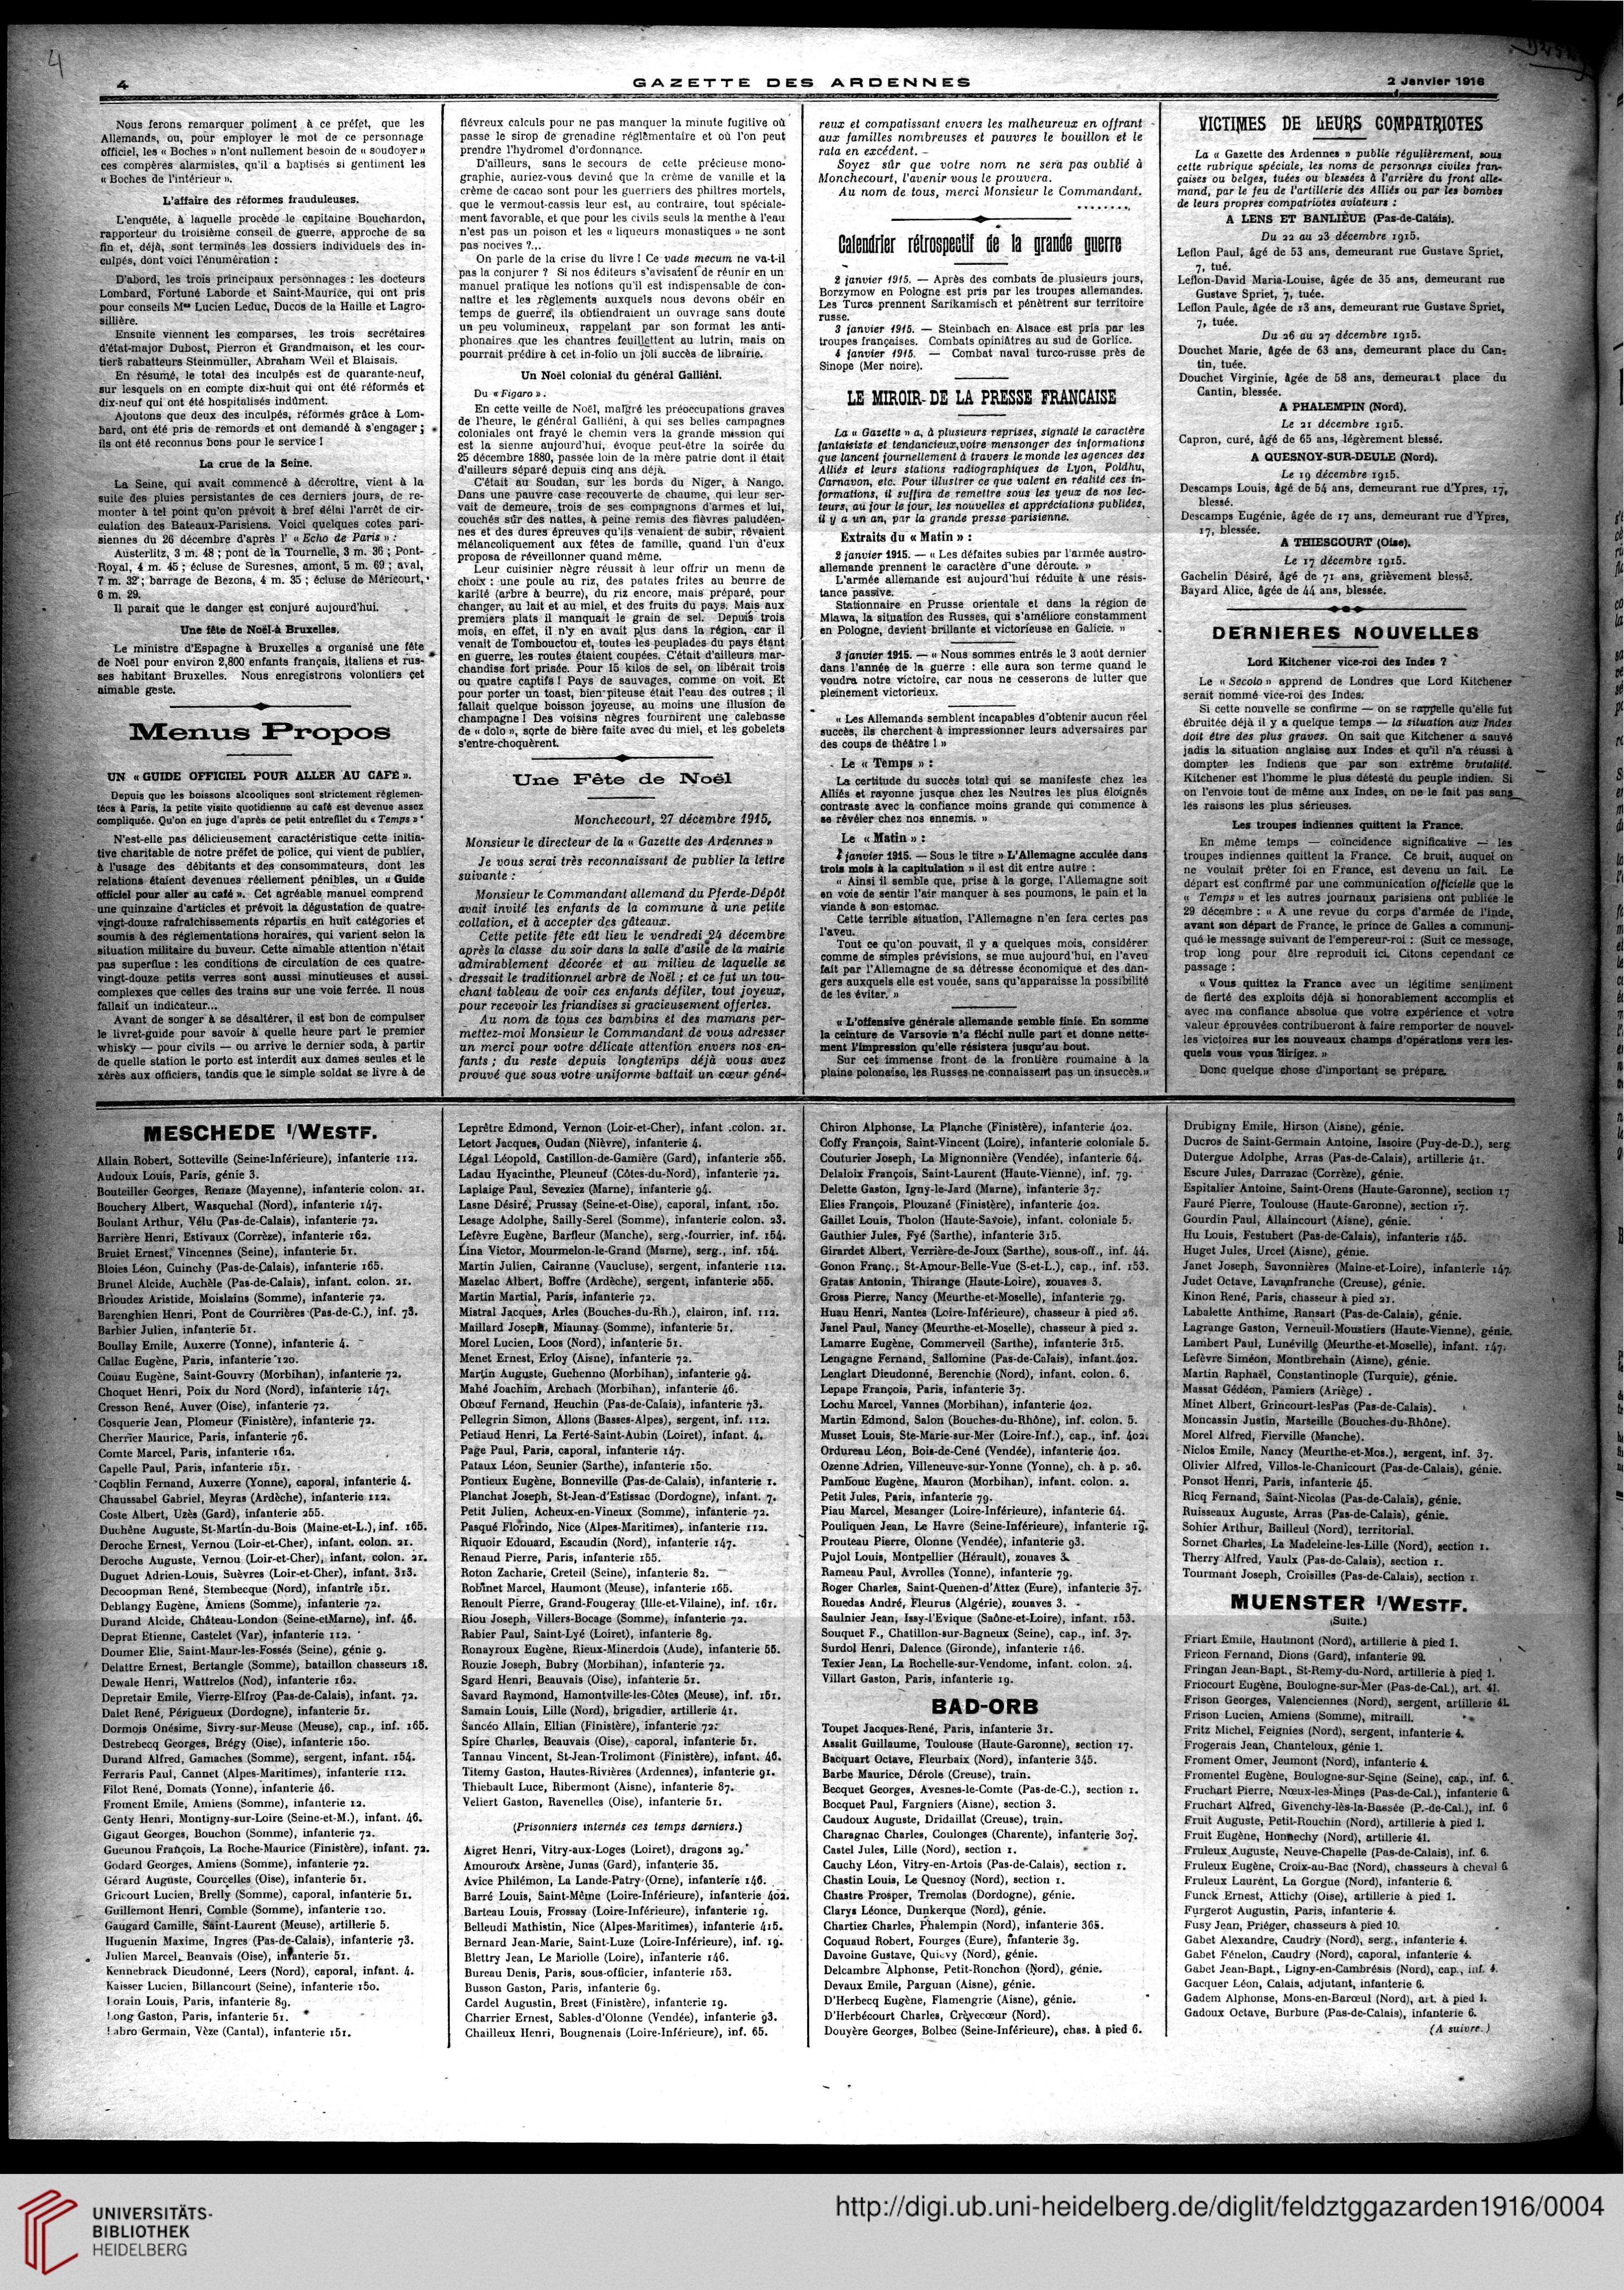 Gazette des Ardennes: journal des pays occupés (Januar 1916 ...